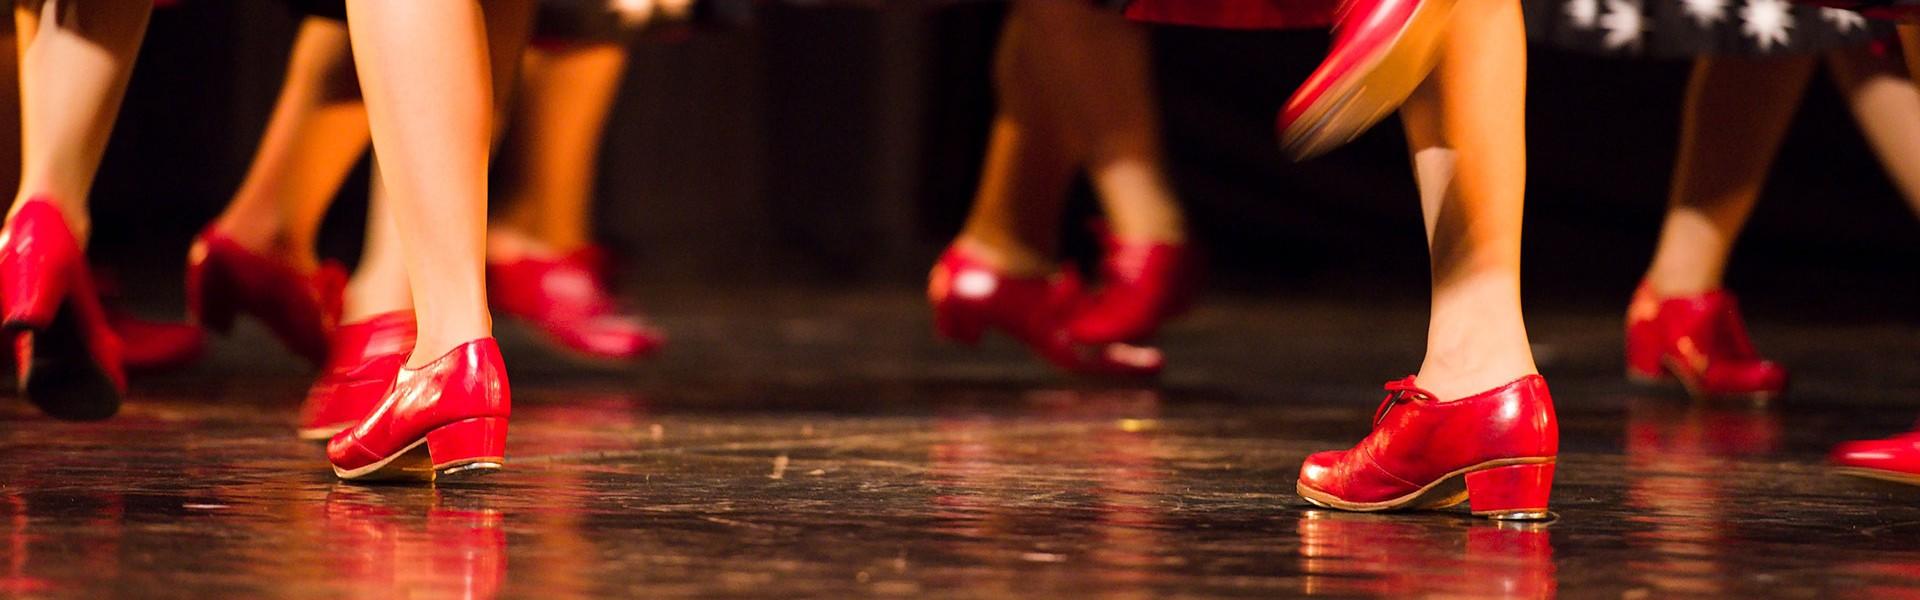 7707bfd418765 Všetko čo potrebuješ na tanec